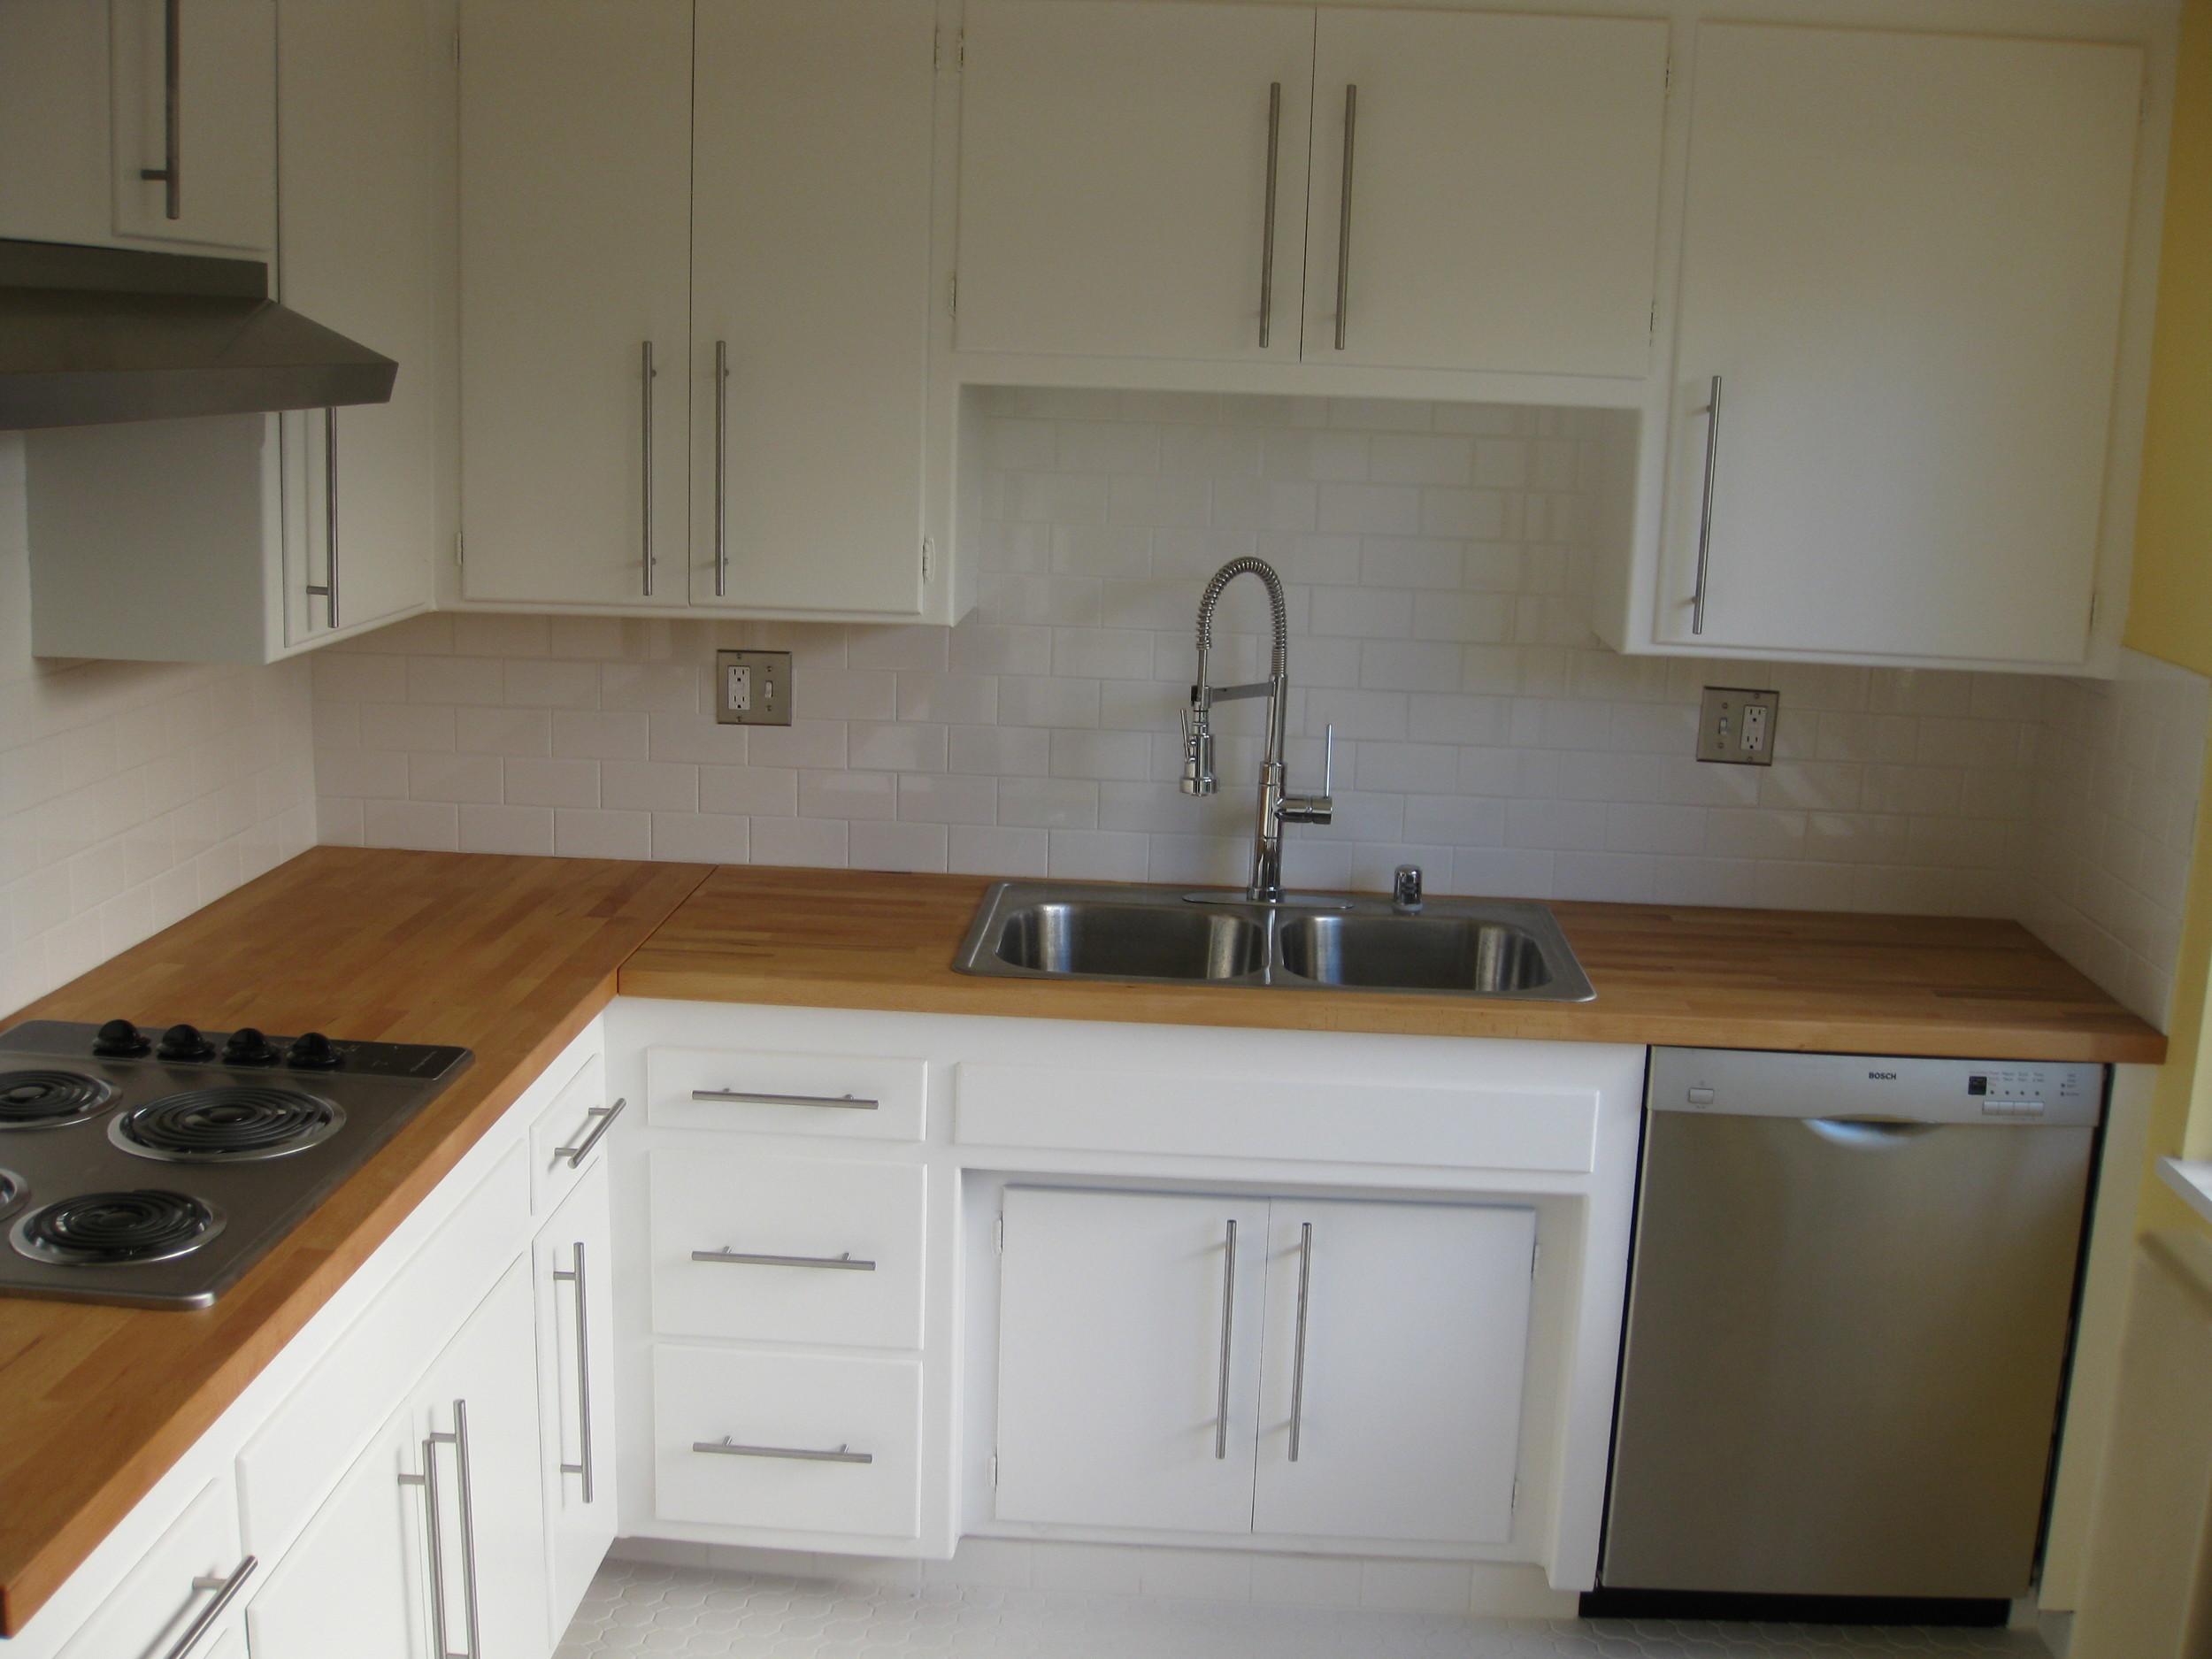 constance kitchen after.jpg